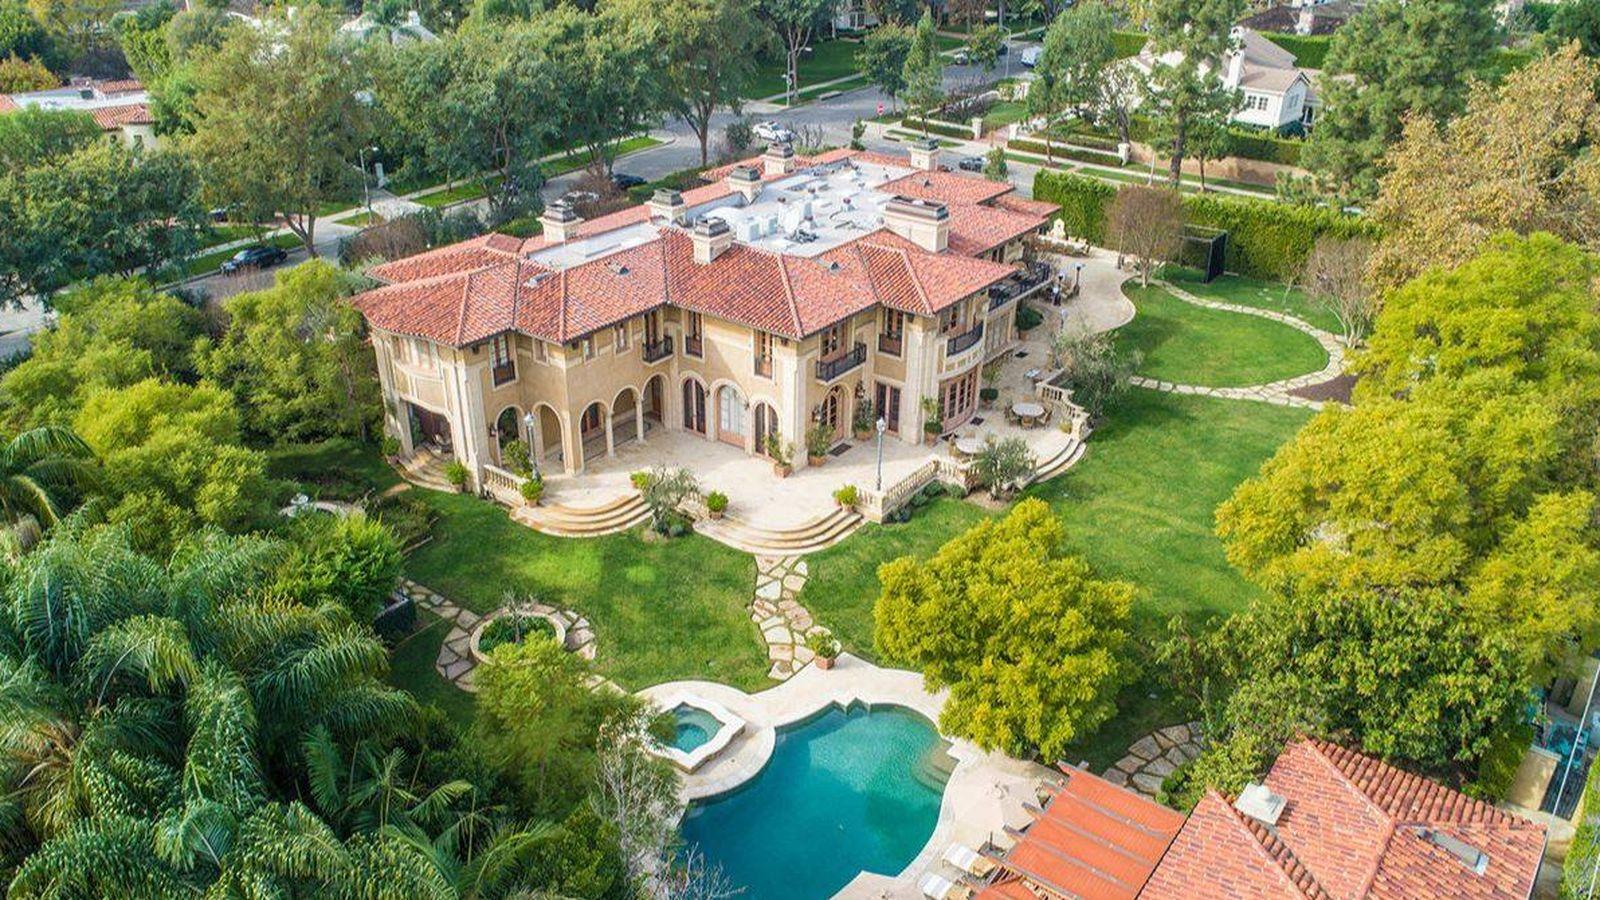 Foto: Vista general de la villa de estilo italiano. (The Agency)